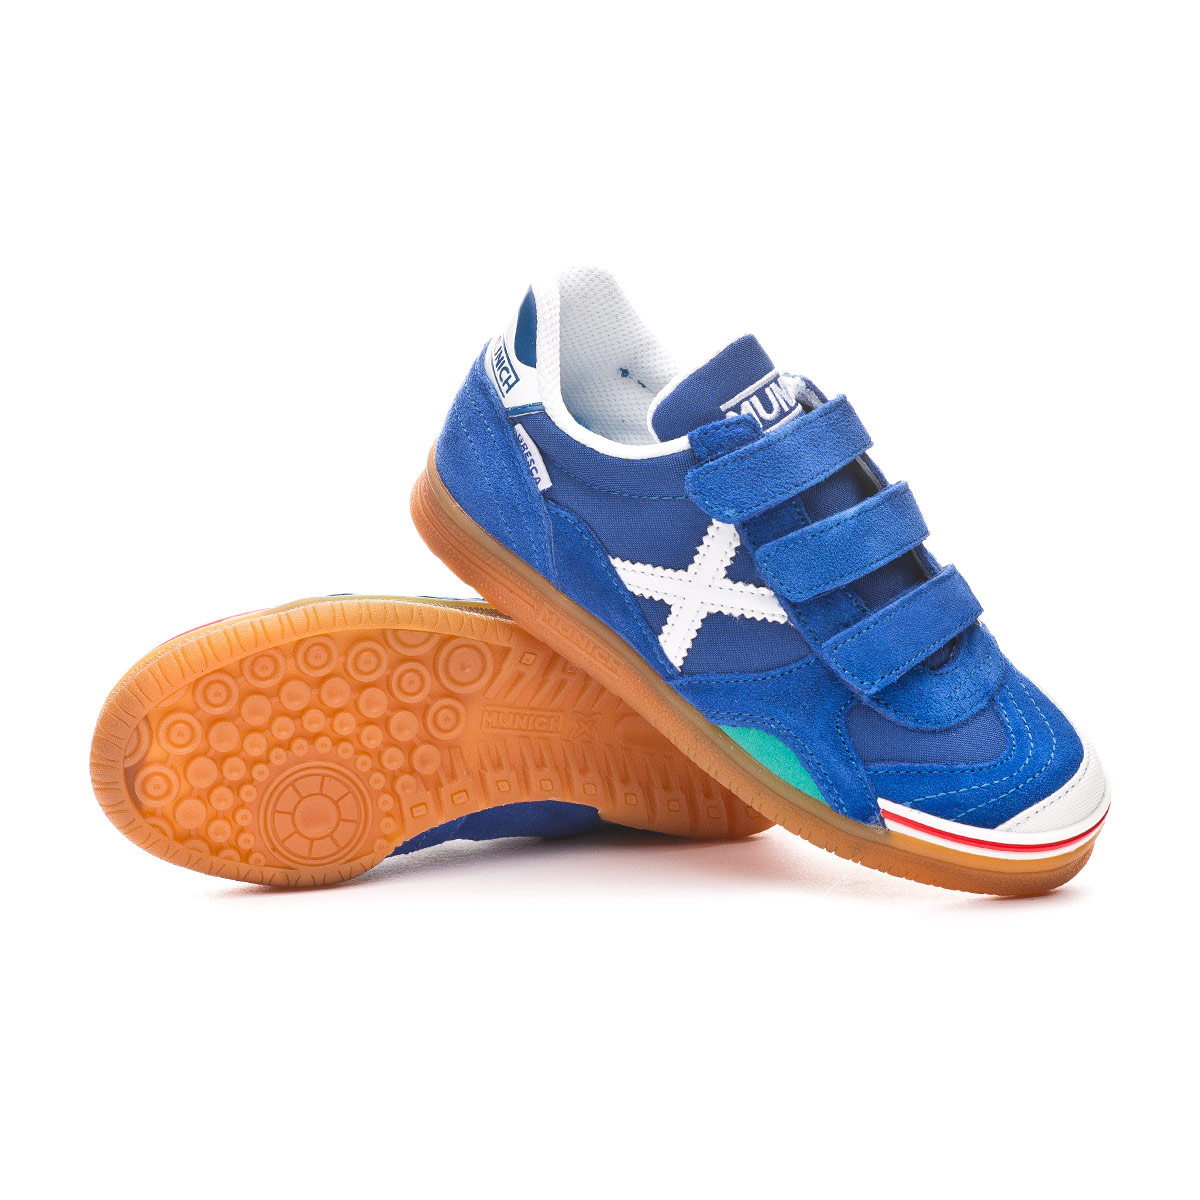 fe310fe1c6b Futsal Boot Munich Kids Gresca Velcro Blue-White - Leaked soccer